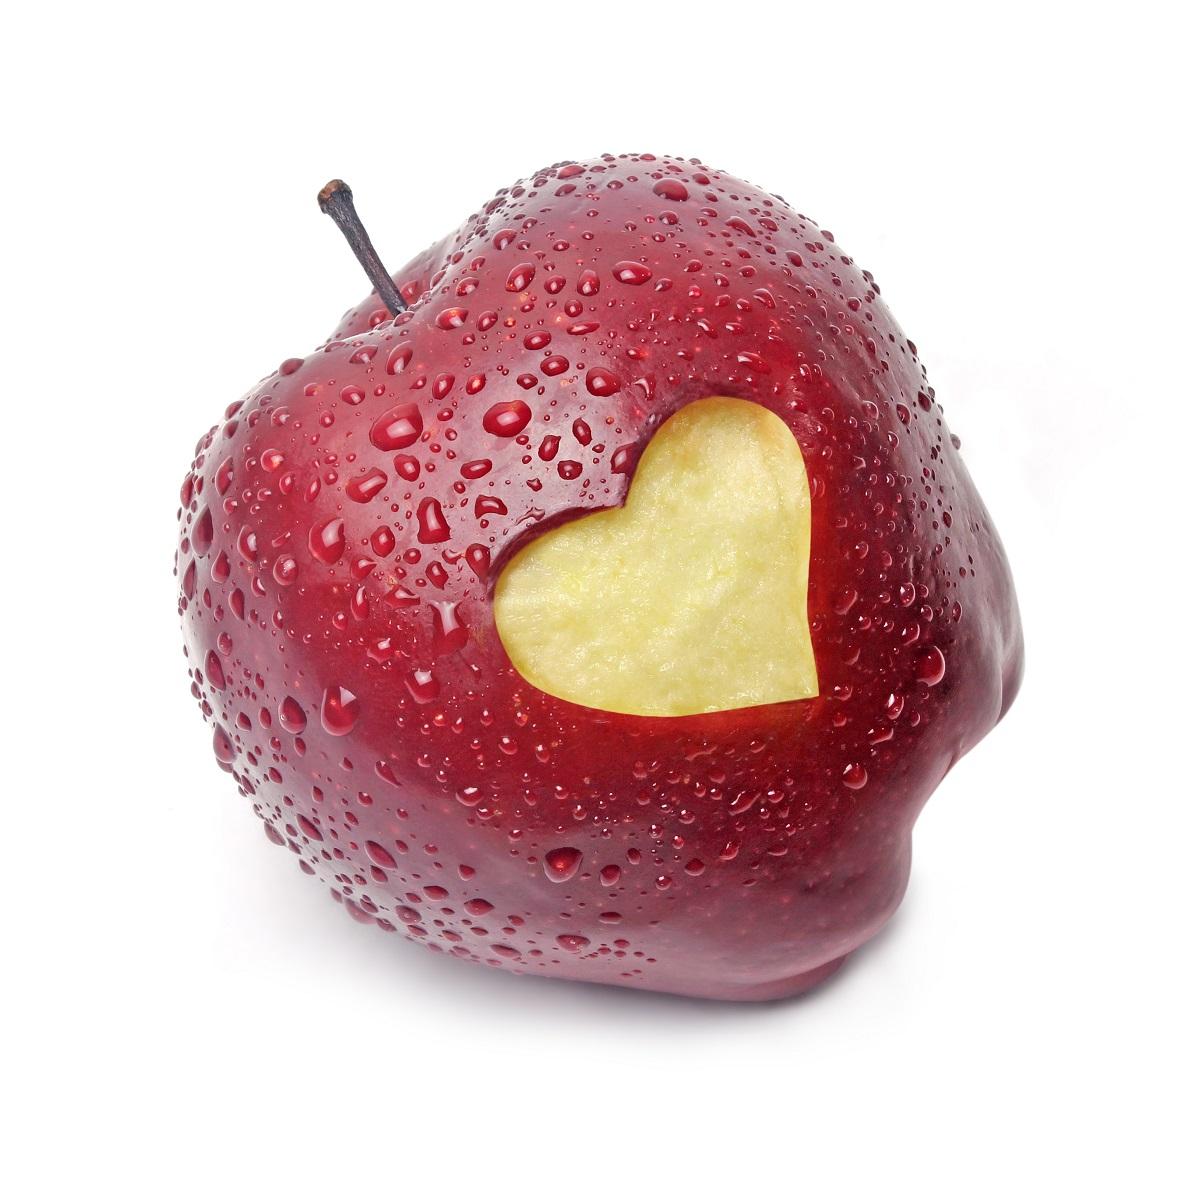 Risultati immagini per mela